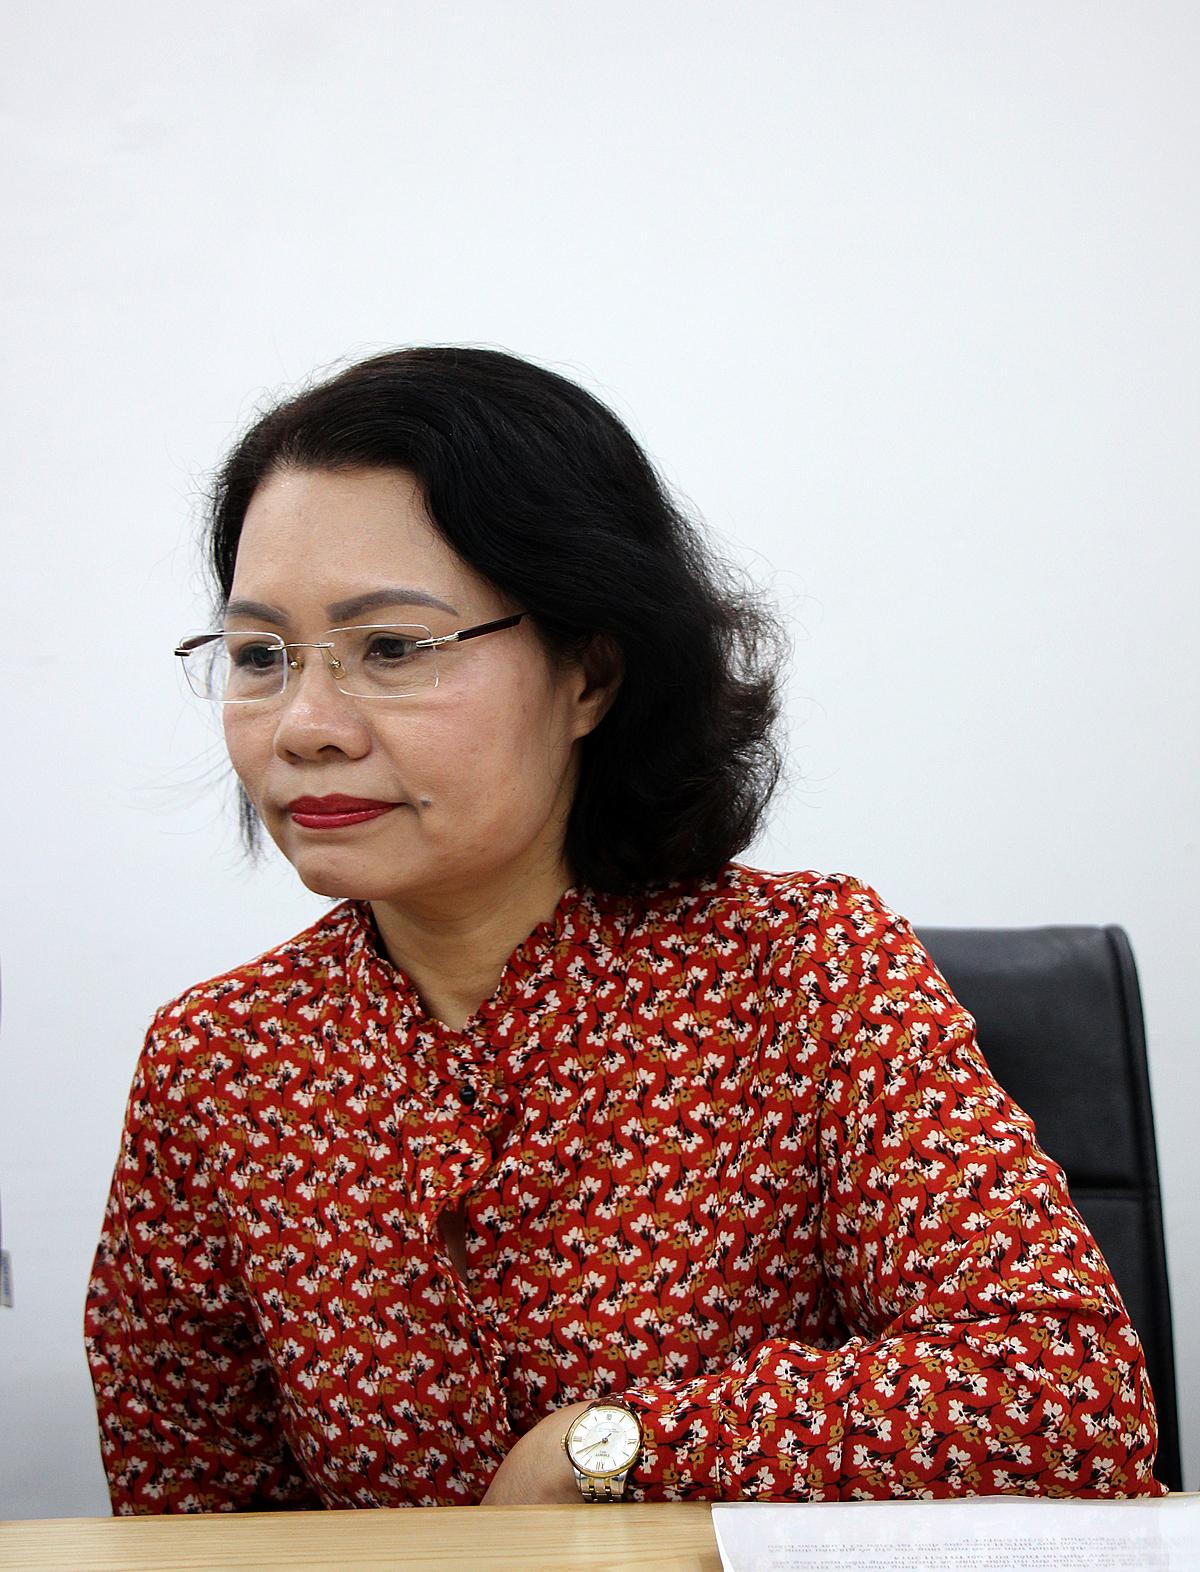 Bà Đinh Mai Hạnh cho biết người lao động nam sinh năm 1964 có thể đóng bảo hiểm tự nguyện đến khi đủ tuổi và có đủ 20 năm đóng bảo hiểm xã hội trở lên để hưởng lương hưu.